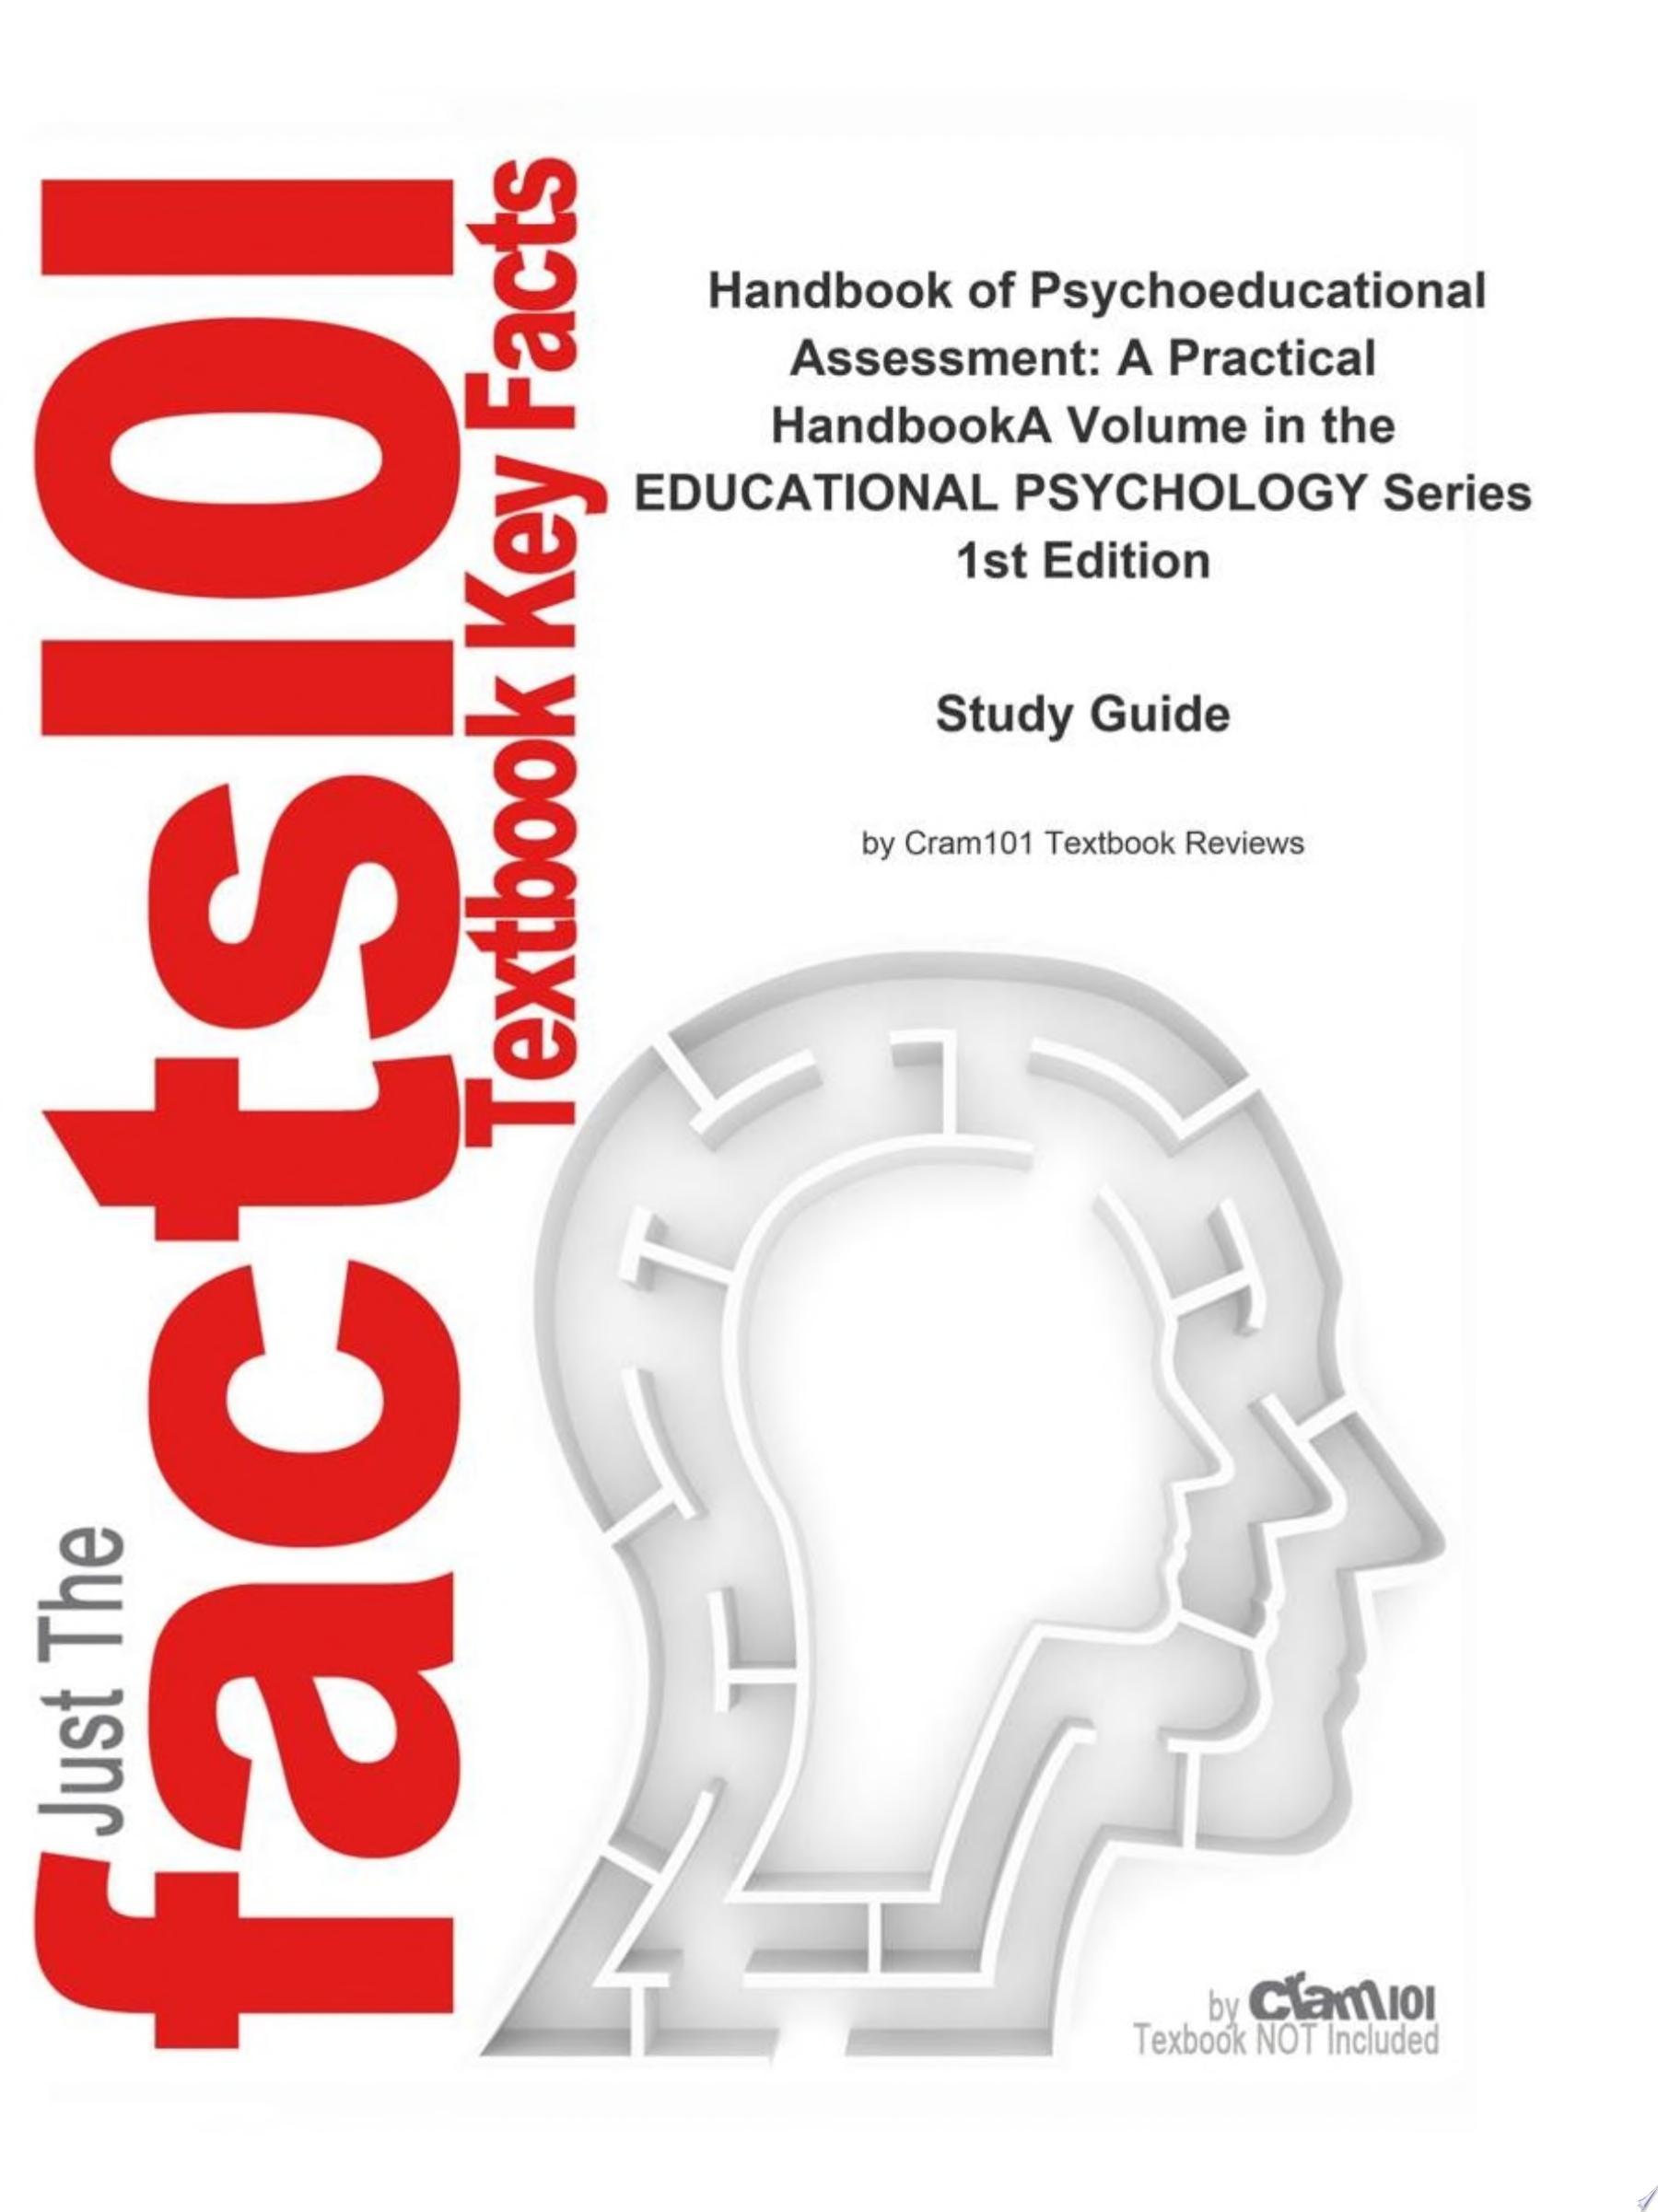 Handbook of Psychoeducational Assessment  A Practical HandbookA Volume in the EDUCATIONAL PSYCHOLOGY Series